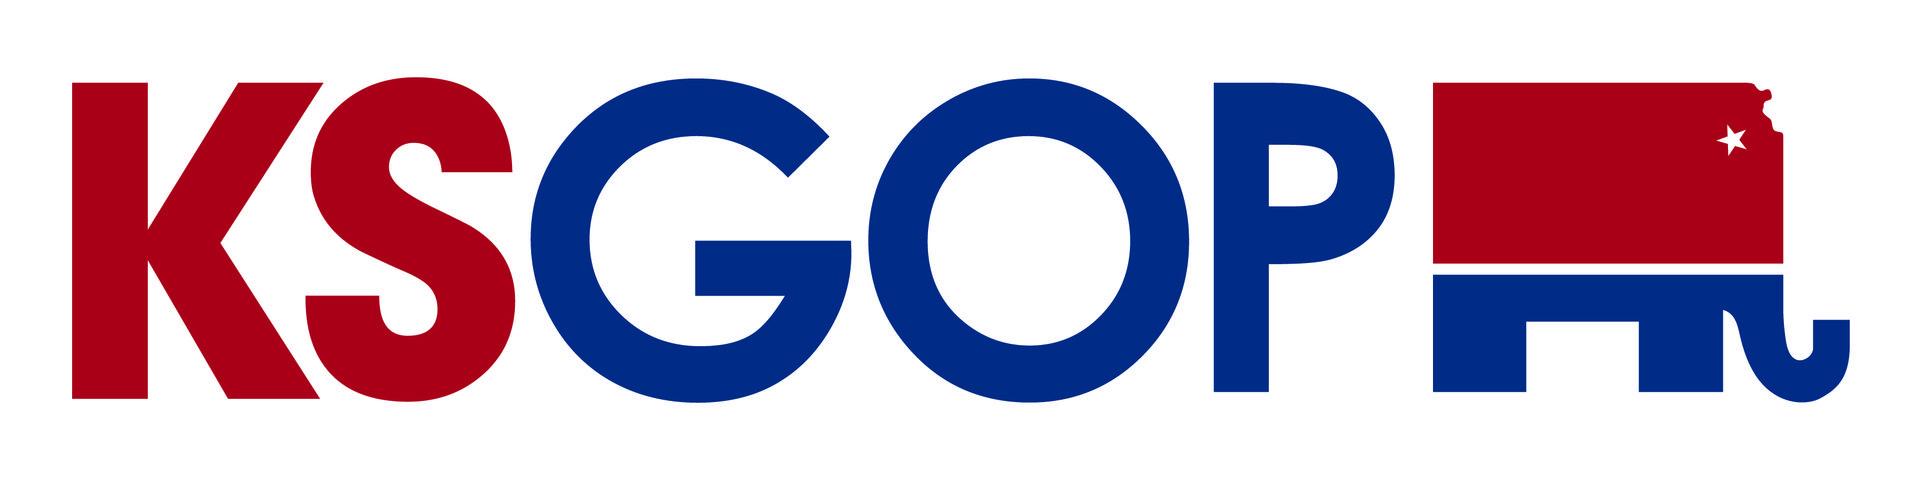 Ksgop h logo